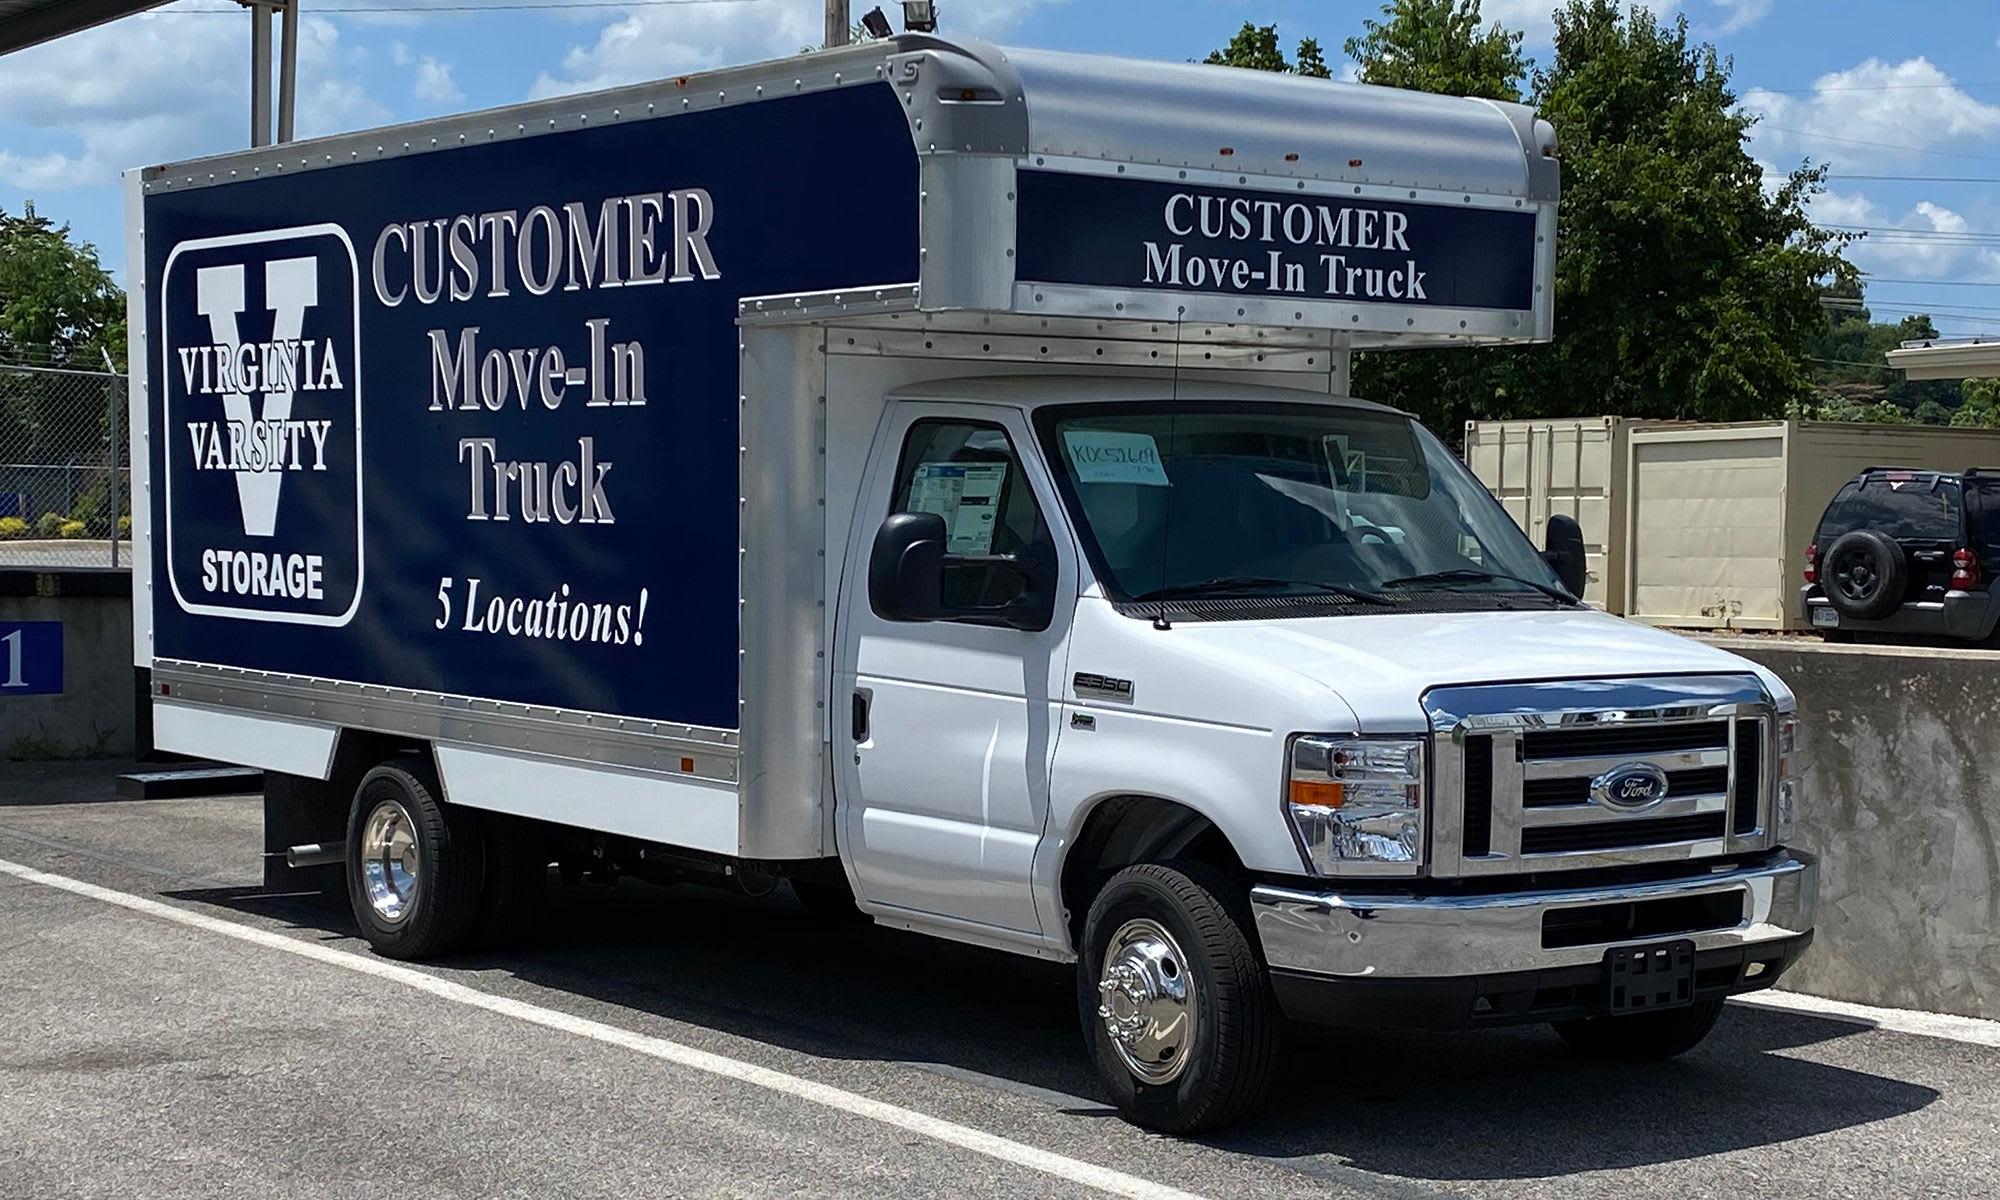 Customer Move-In Truck at Virginia Varsity Self Storage in Roanoke, Virginia is located